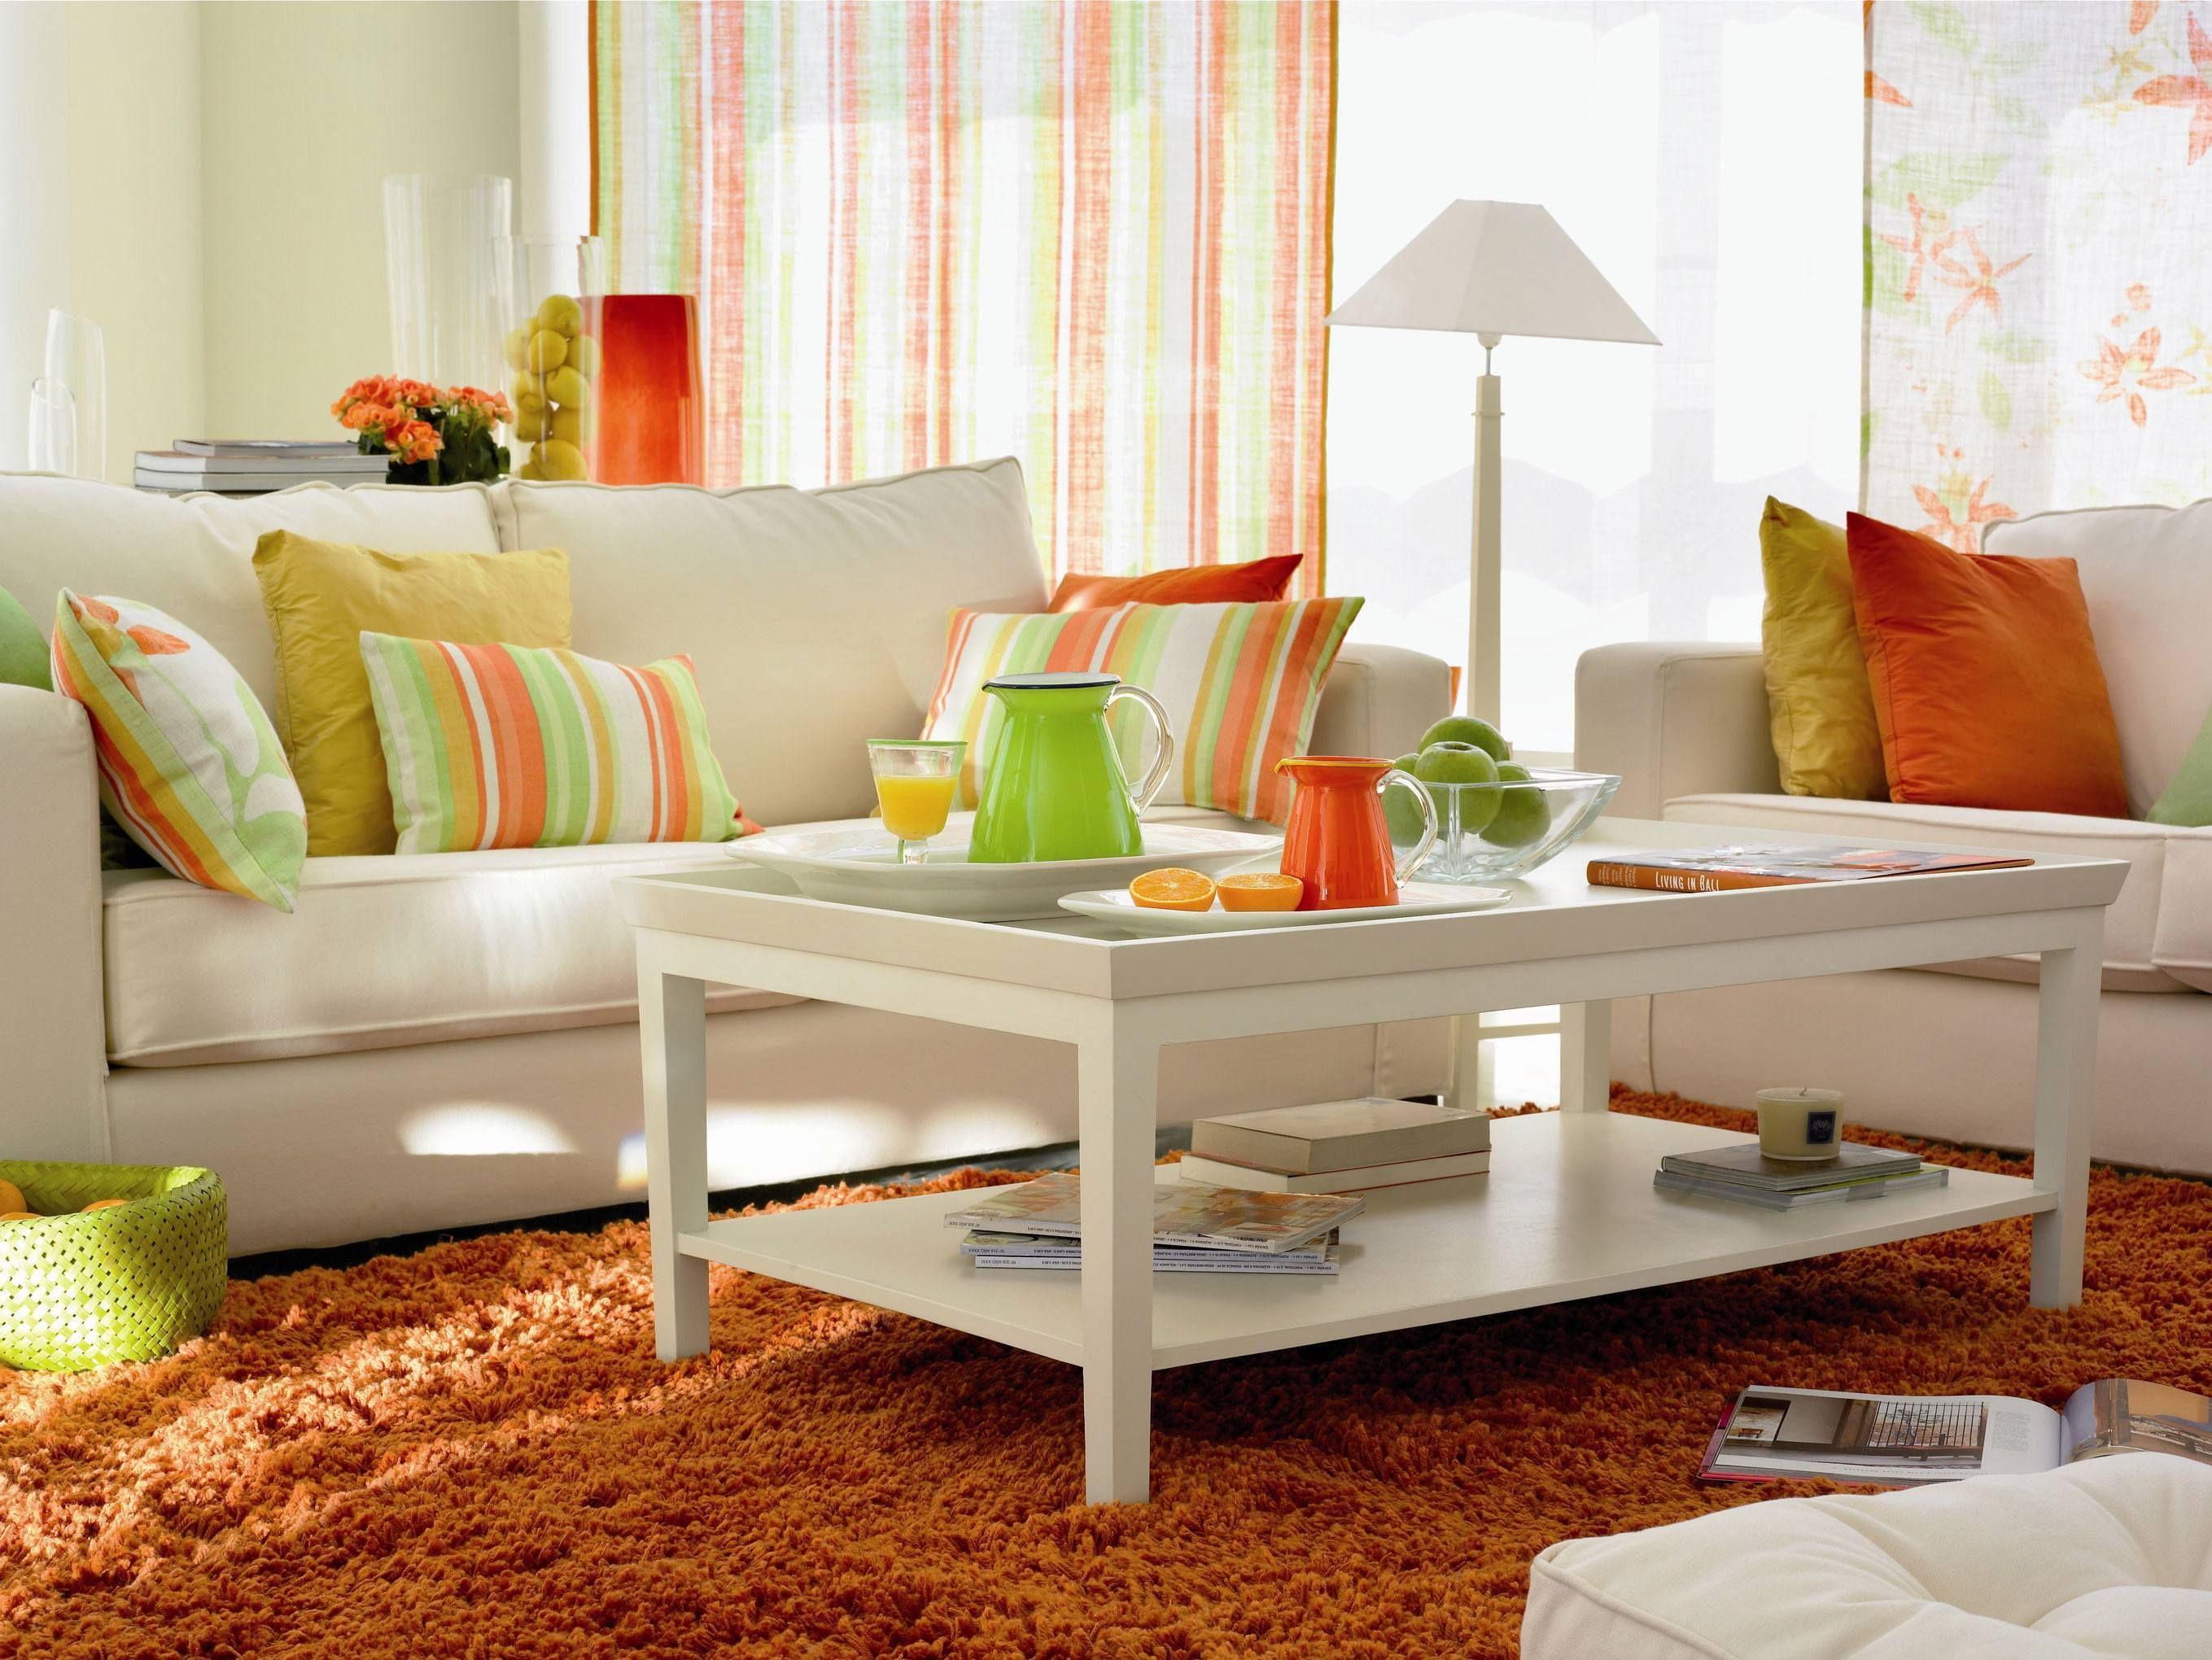 Ikea Muebles De Sala Simple Top Disecbar Mueblelon Ikea Muebles  # Diunsa Muebles De Sala